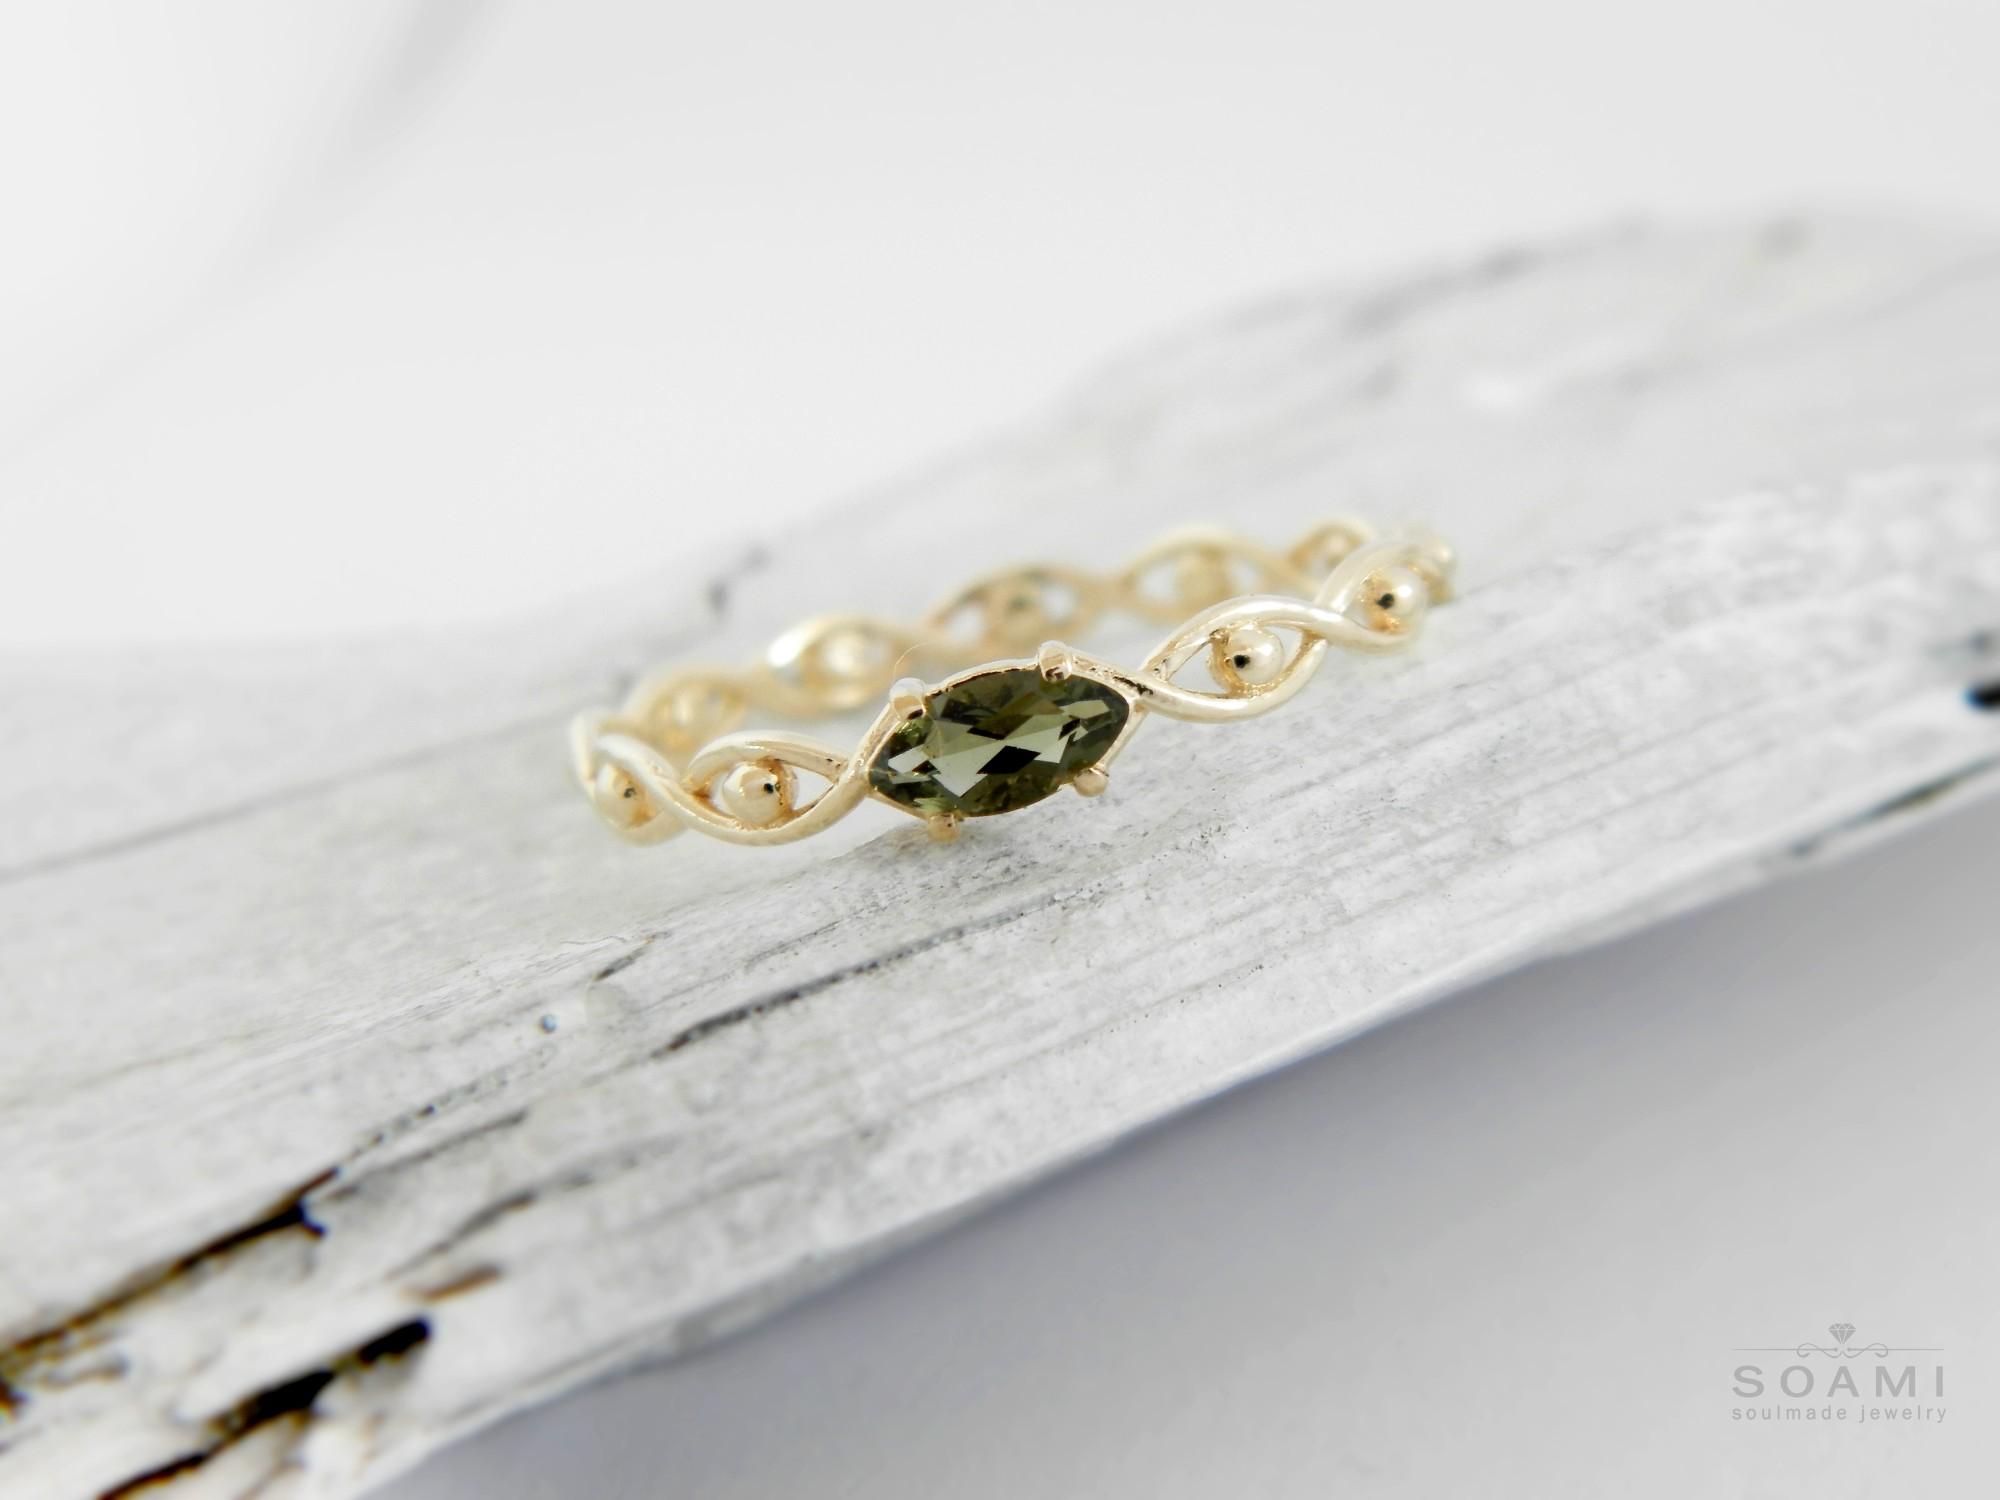 zlatý prsten s přírodním vltavínem Oko